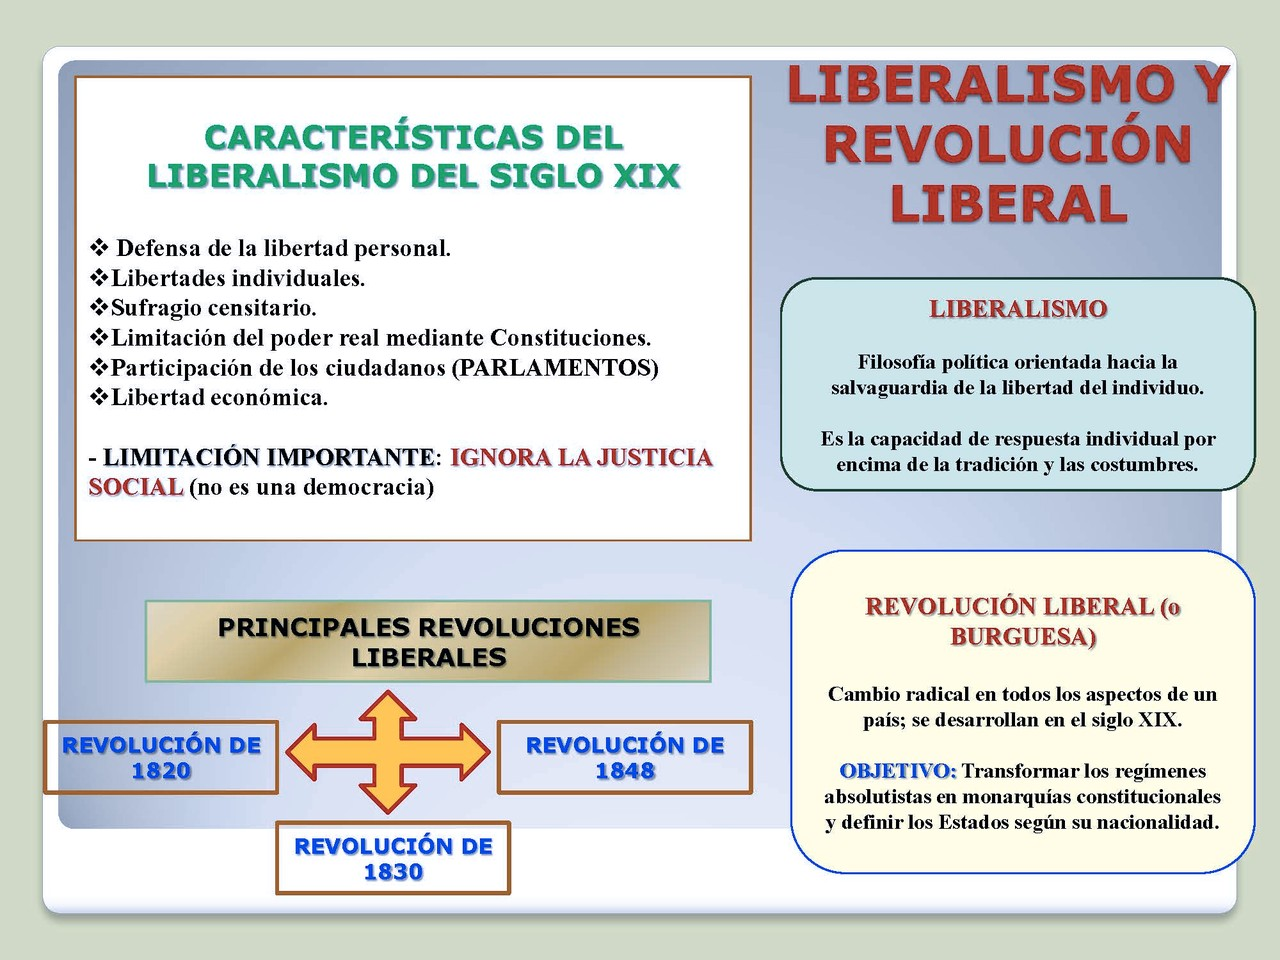 Características del Liberalismo del s.XIX.